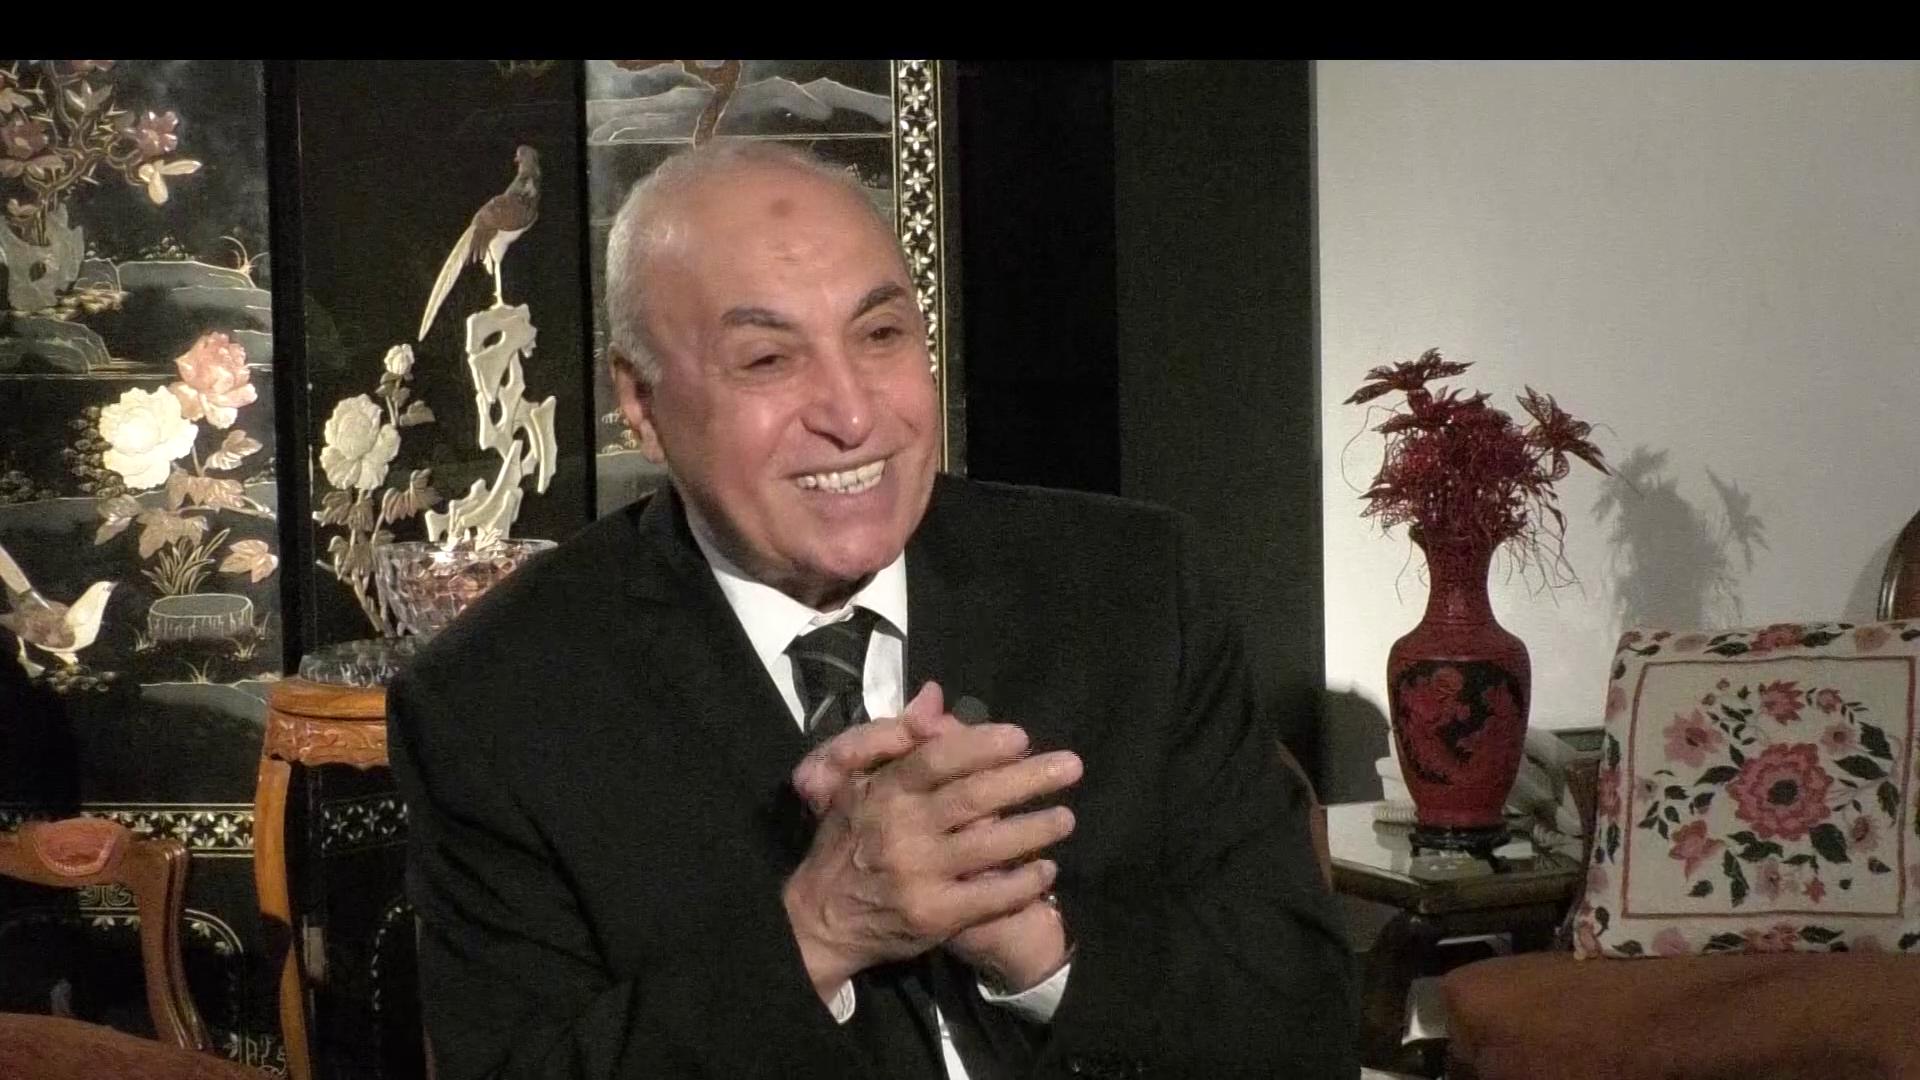 خبير استراتيجي يوضح أهمية وجود ألبانيا في مجلس الأمن وتوافقها مع القضايا المصرية